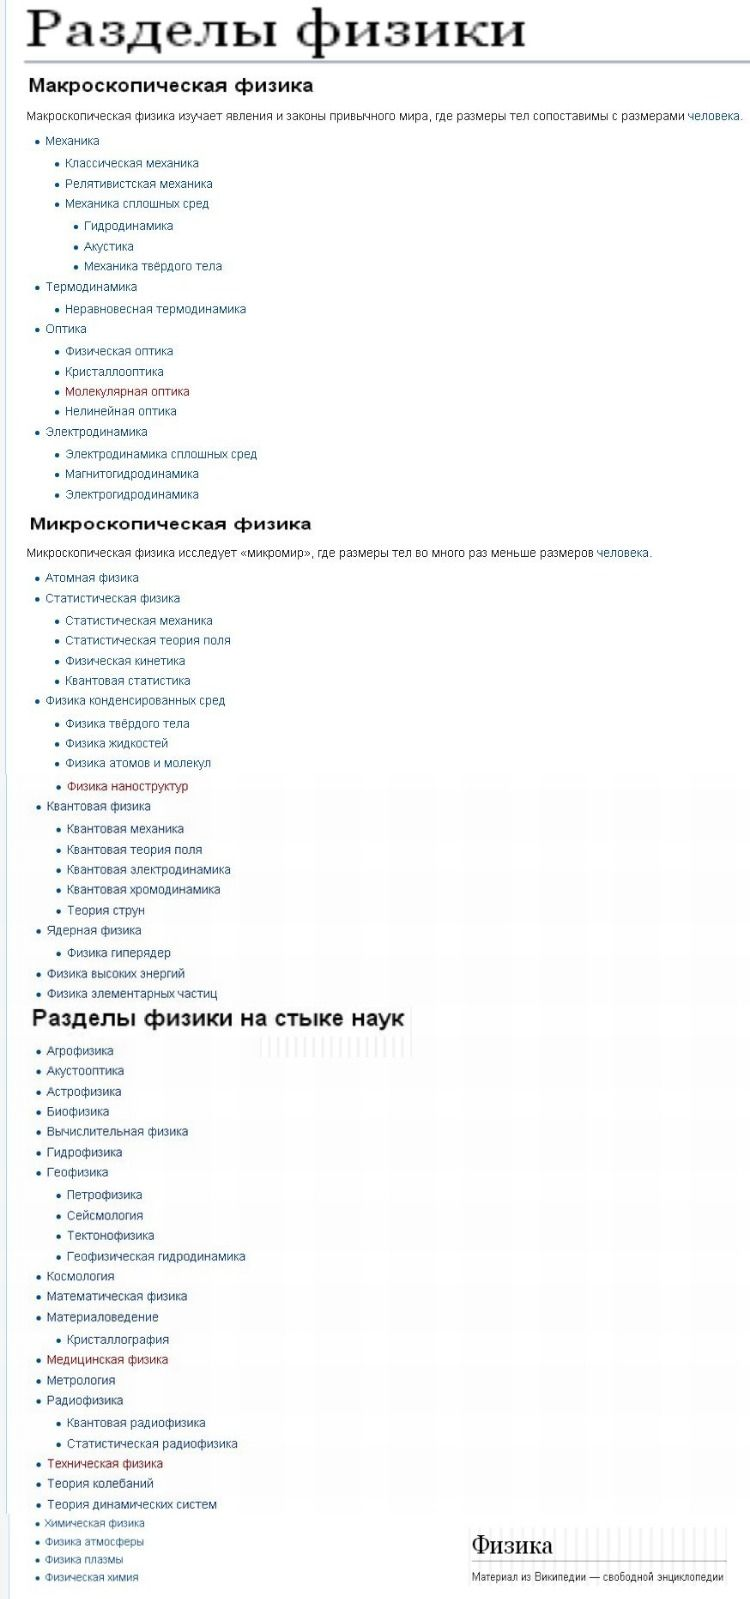 Базы данных: типы данных и полей | сайт д.а.мацкявичюса